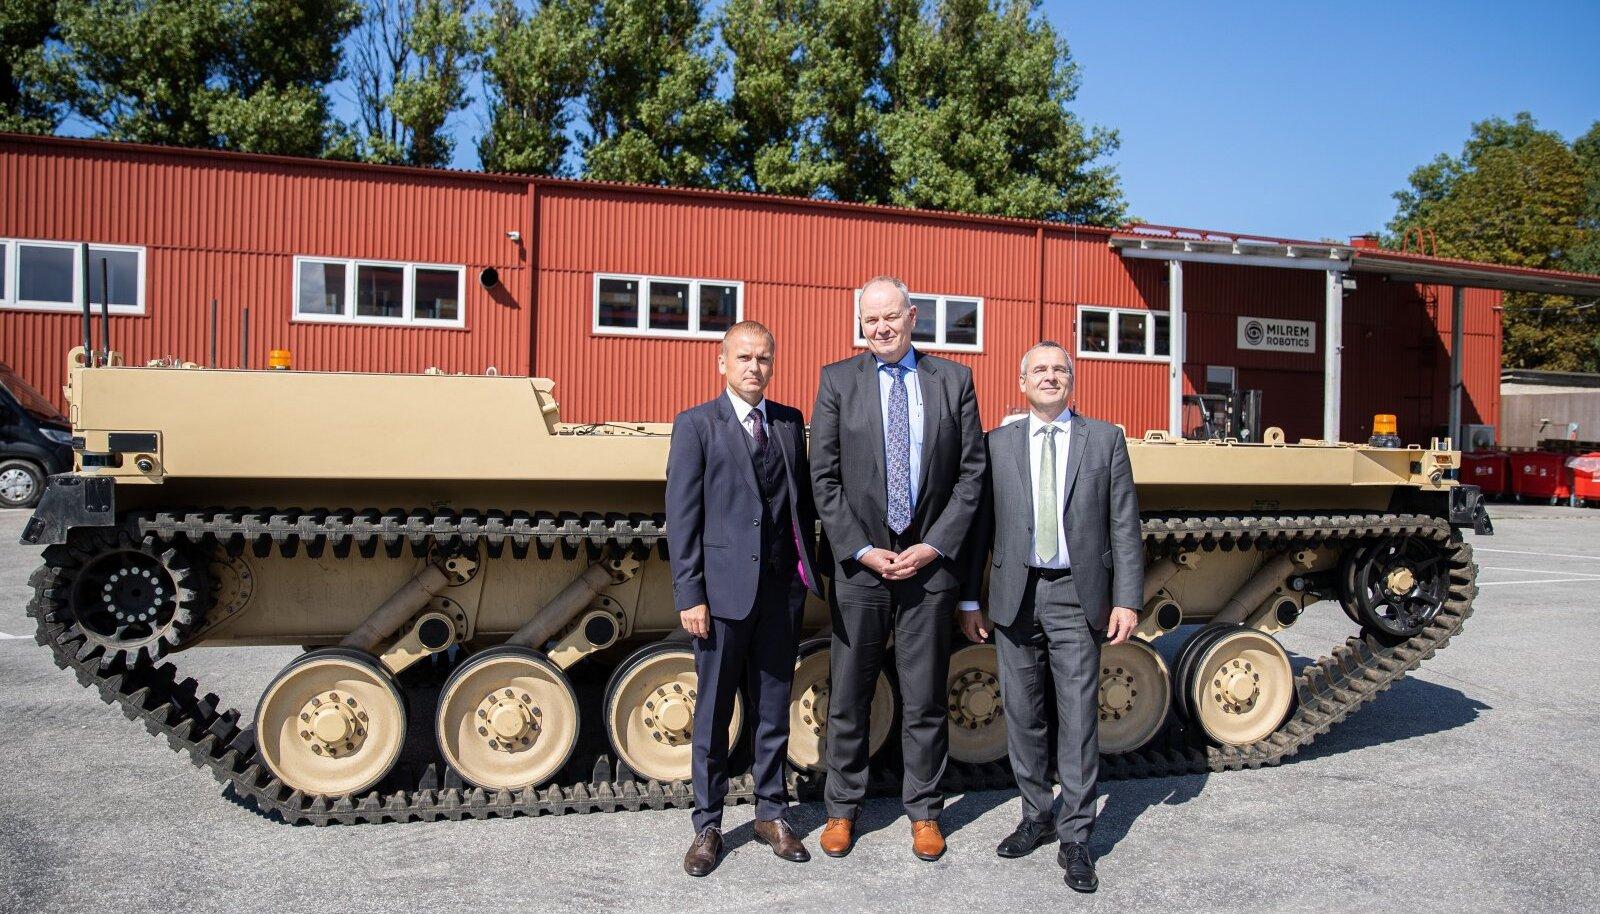 Saksa kaitsetööstusettevõtte KMW juhatuse liige Horst Rieder (keskel) ja süsteemitehnoloogiat juhtiv asepresident Mathias Nöhl (paremal) olid sel nädalal Tallinnas, et lõplikult vormistada Kuldar Väärsi (vasakul) 2013. aastal loodud Milrem Roboticsis osaluse omandamine.